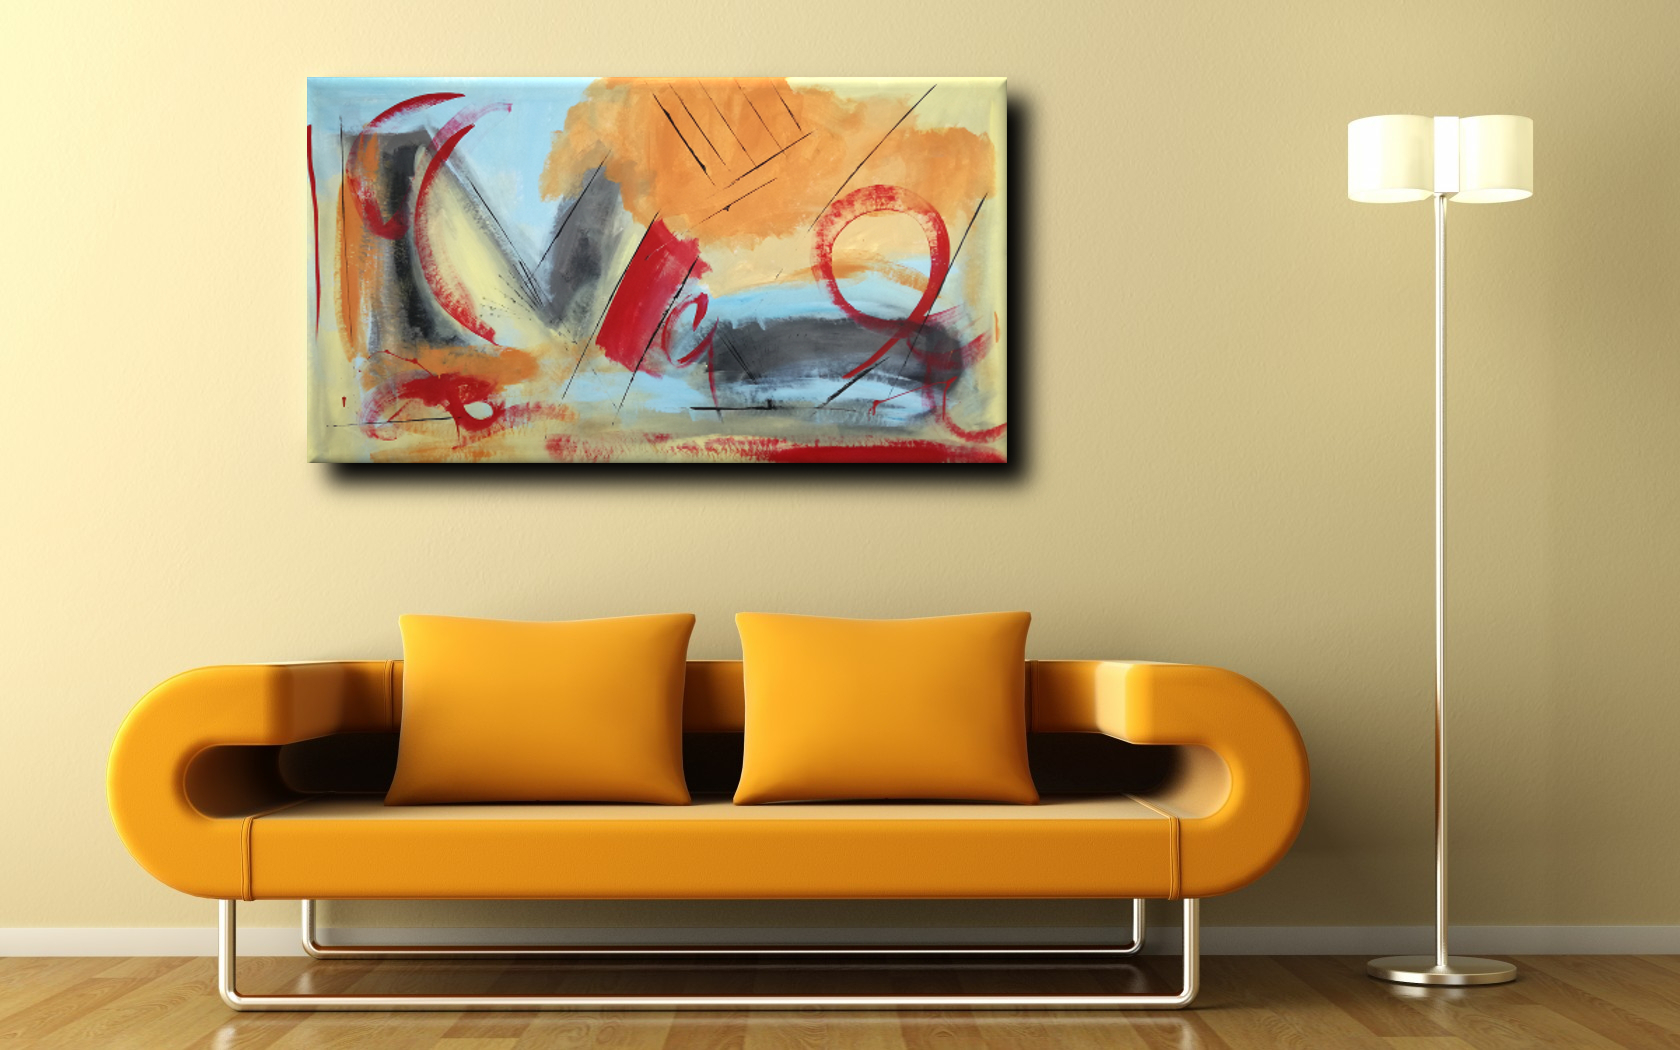 Best quadri moderni per soggiorno gallery idee for Quadri moderni per arredamento soggiorno